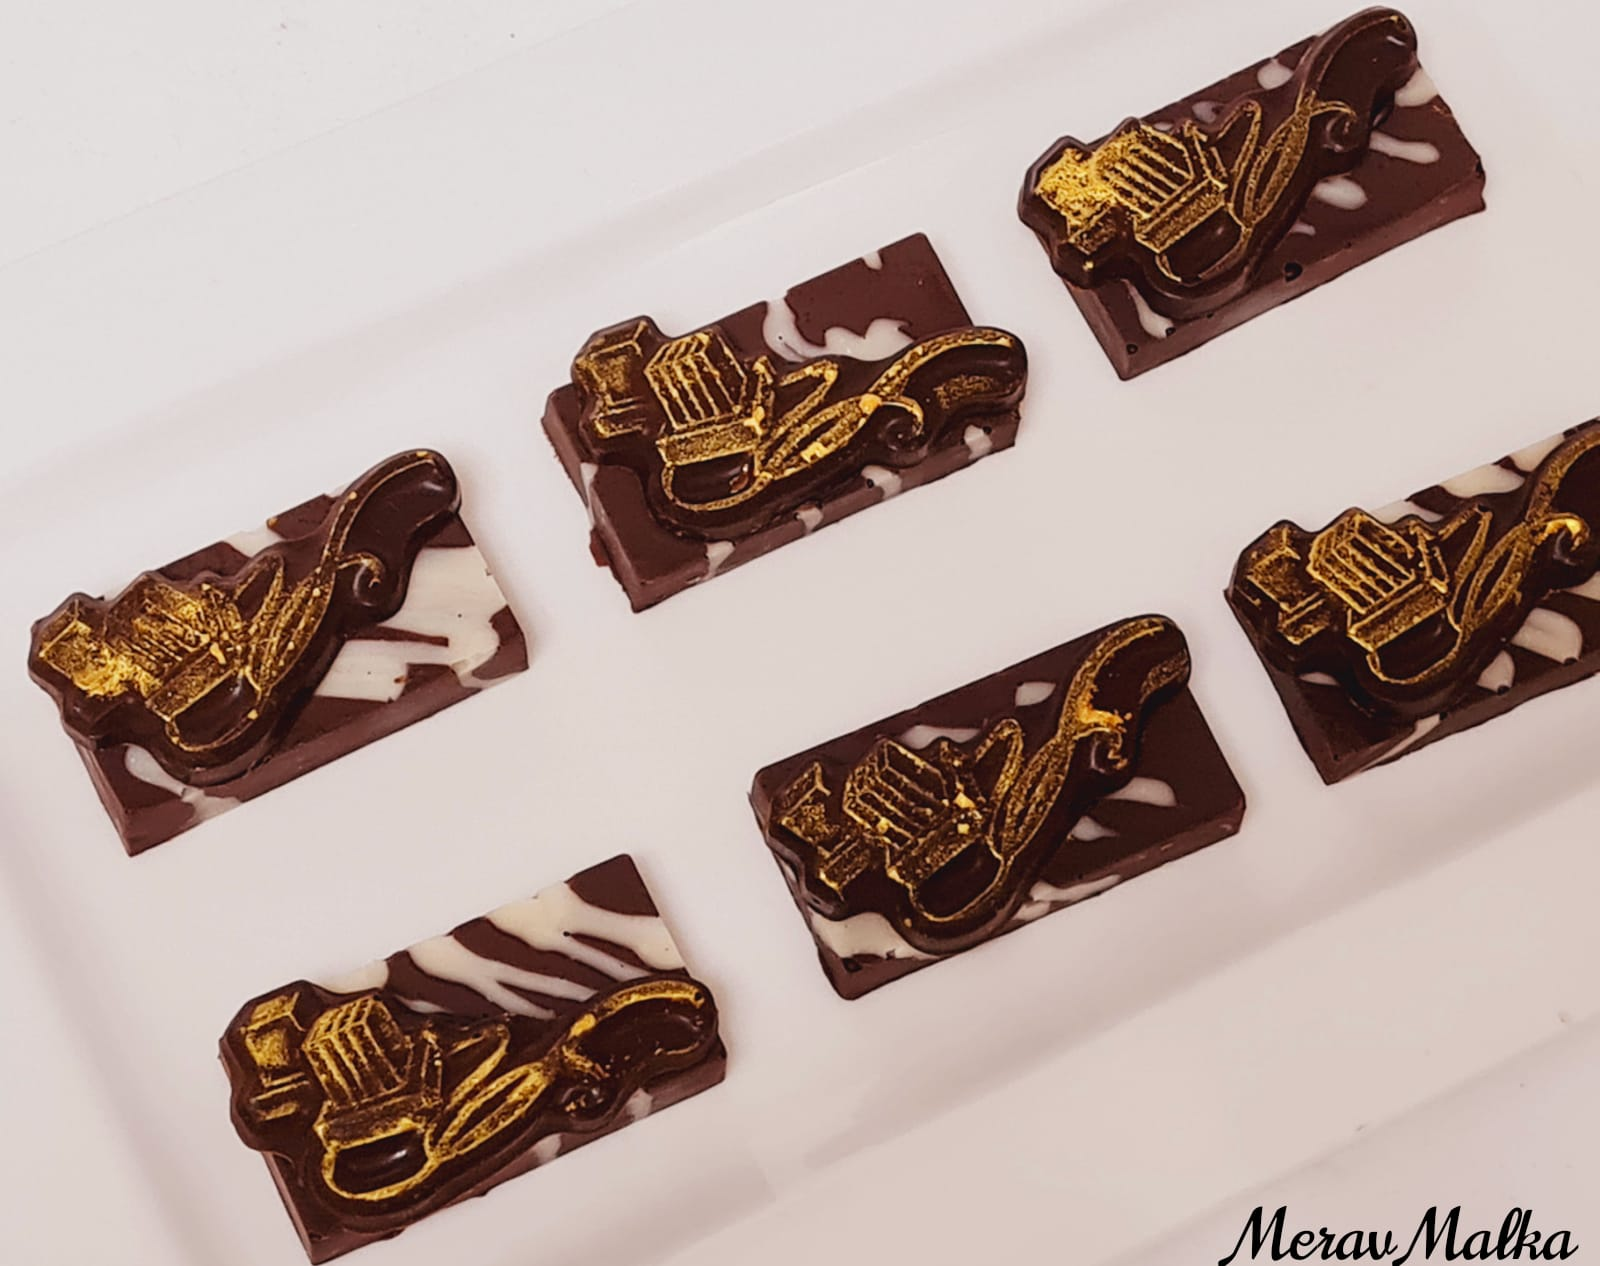 הכי פשוט, הכי טעים: חיתוכיות שוקולד